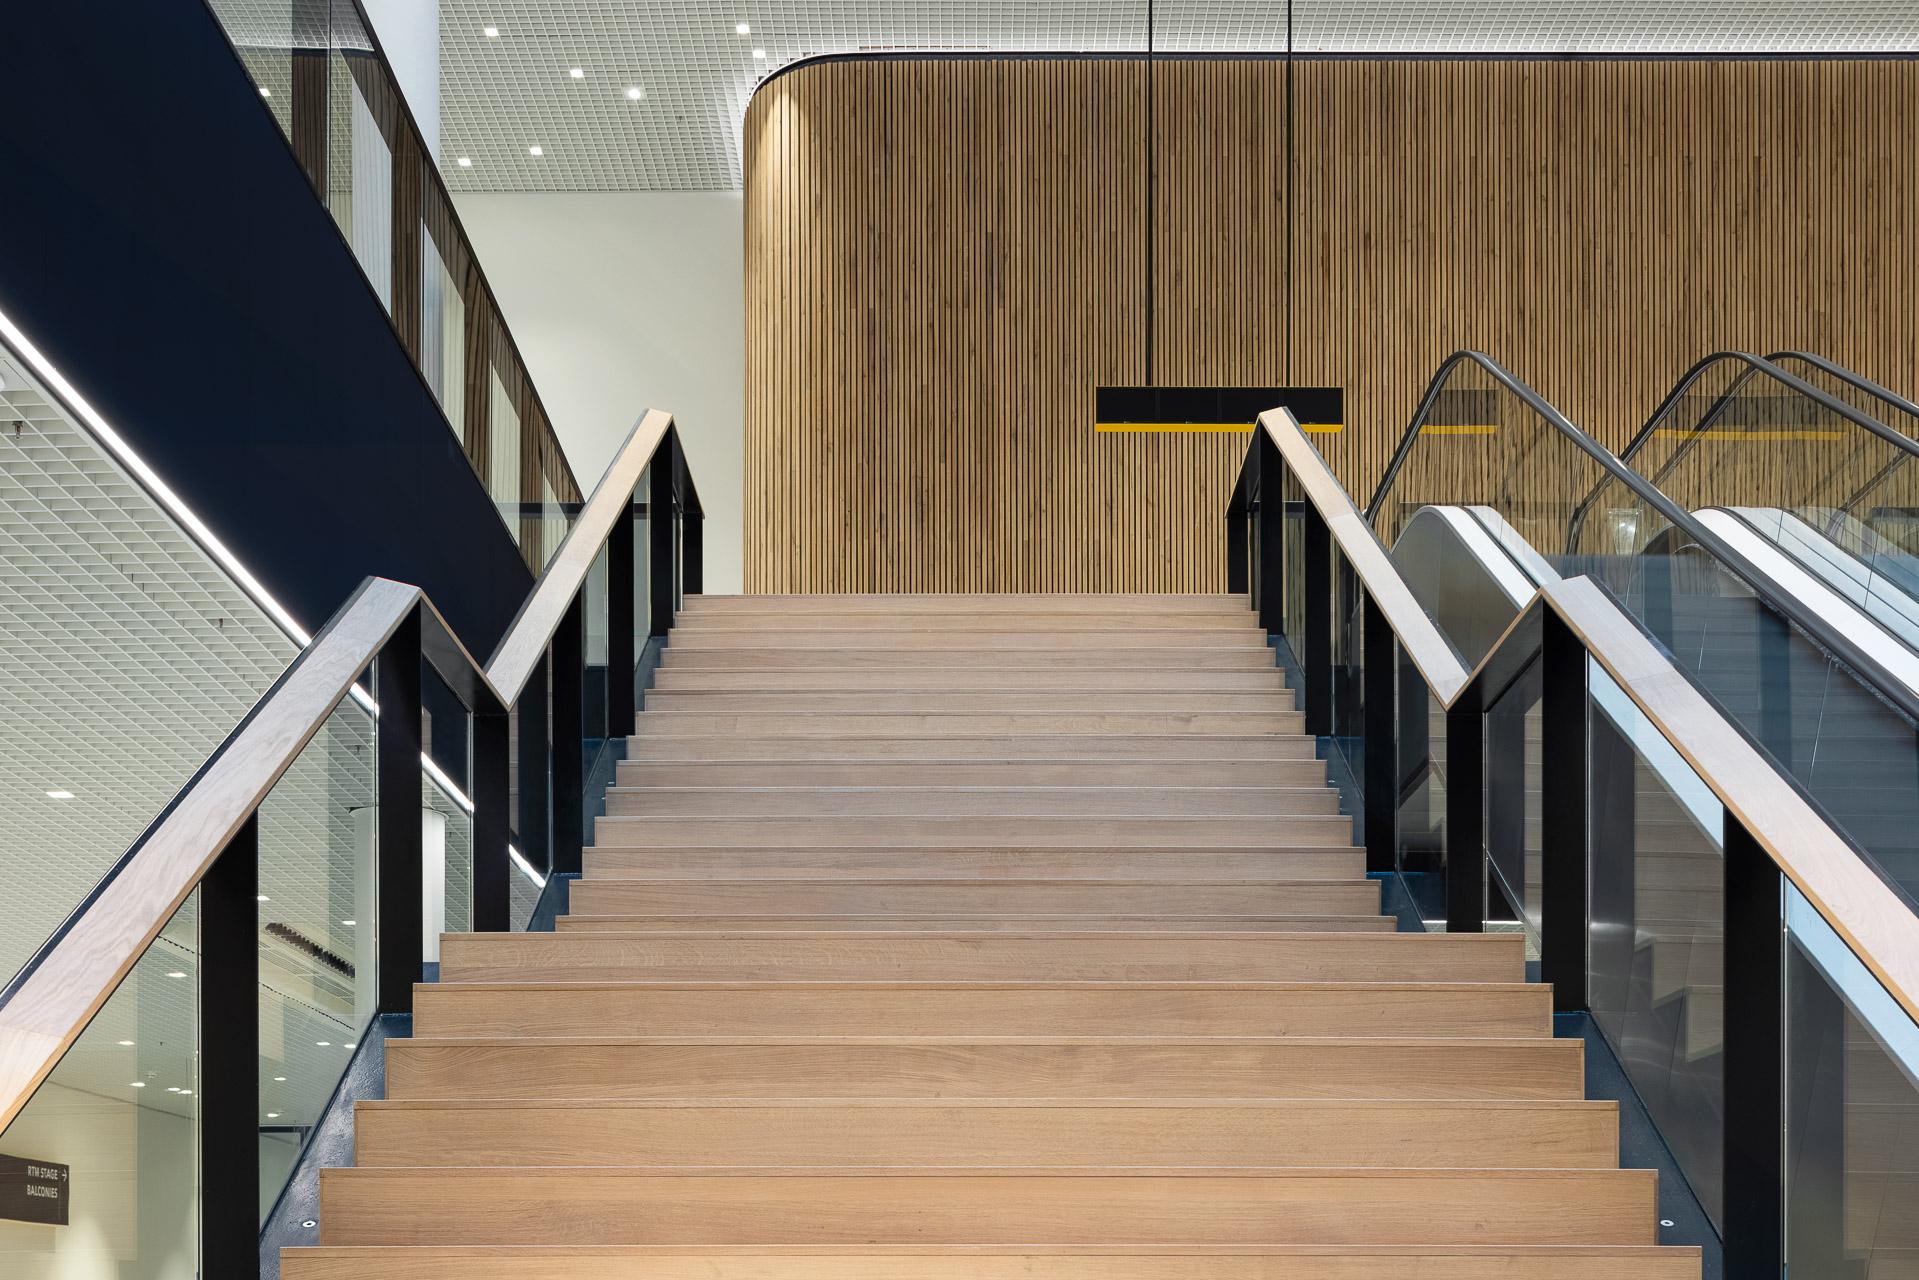 SP2020-Rotterdam-Ahoy-Convention-Centre-Interieur-7-Architectuur-fotografie